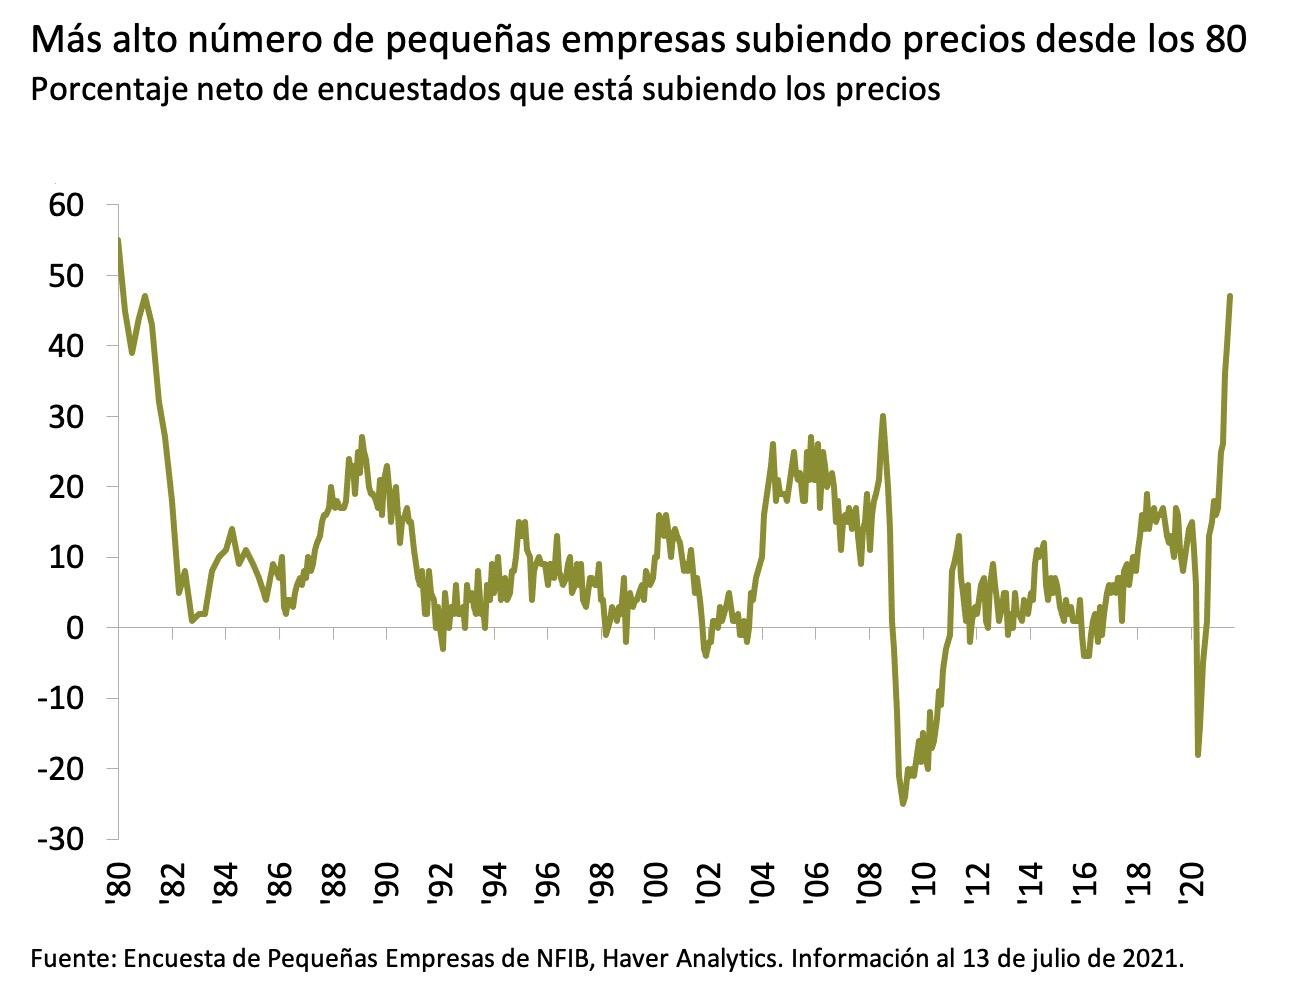 Este gráfico muestra el porcentaje neto de pequeñas empresas que aumentan sus precios de venta según la Encuesta de Pequeñas Empresas de NFIB entre principios de 1980 y junio de 2021.